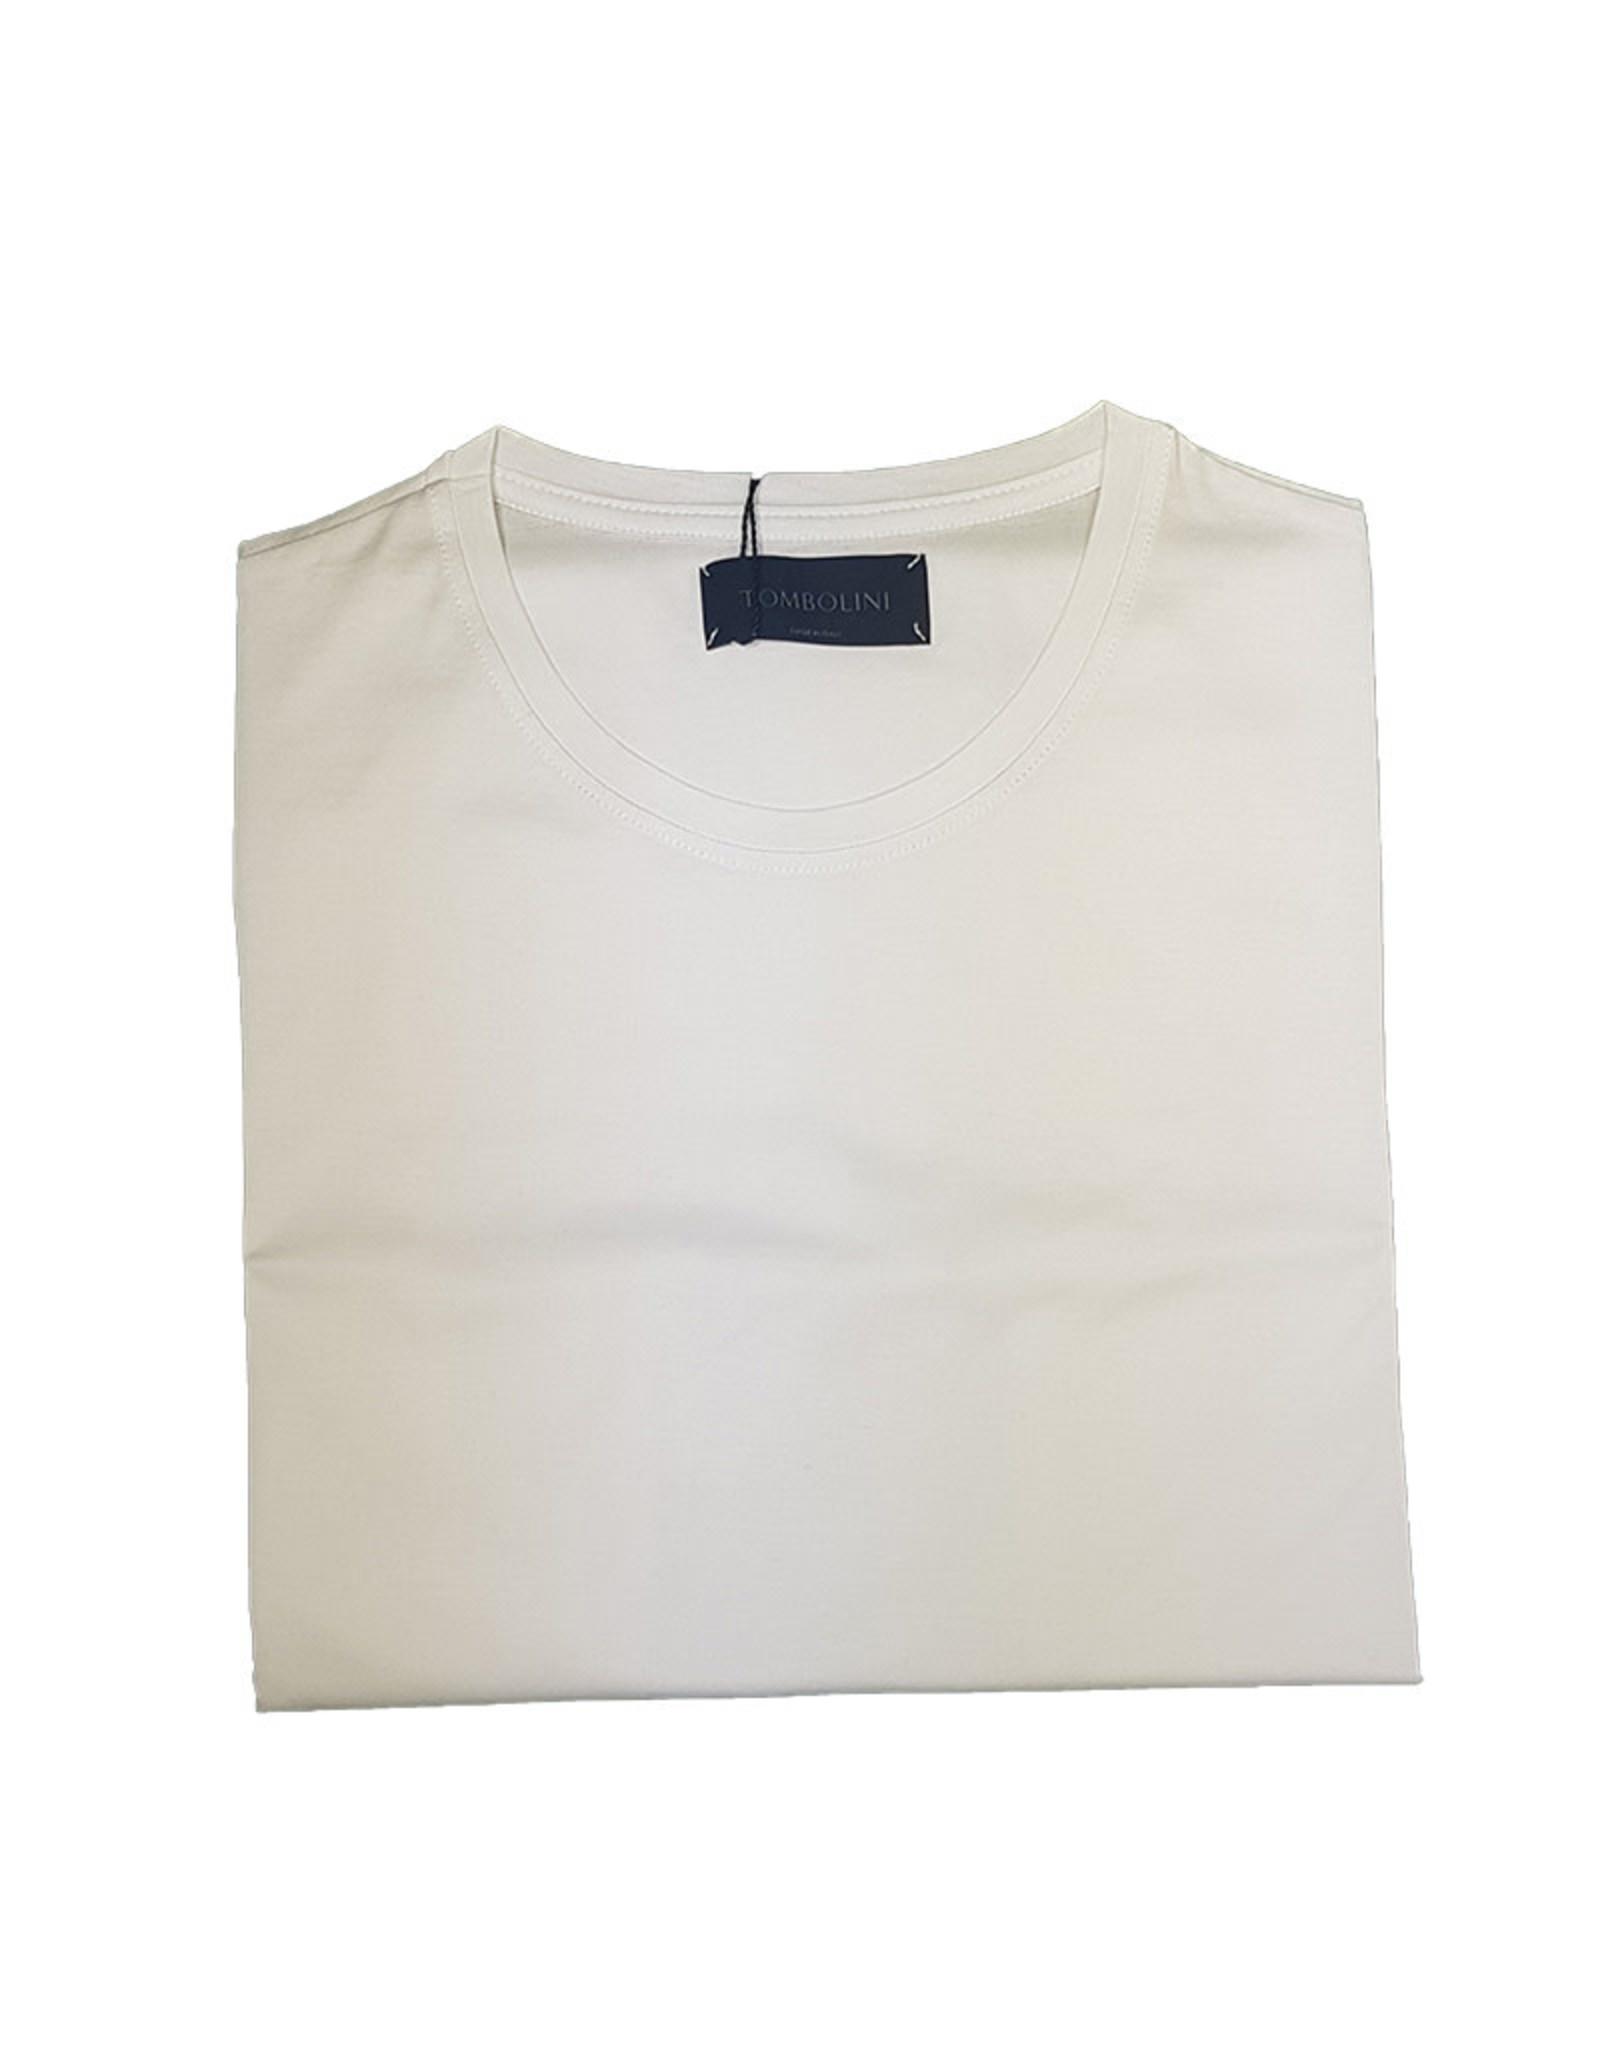 Tombolini TMB T-shirt wit ZJDR/U010 M:WJ10